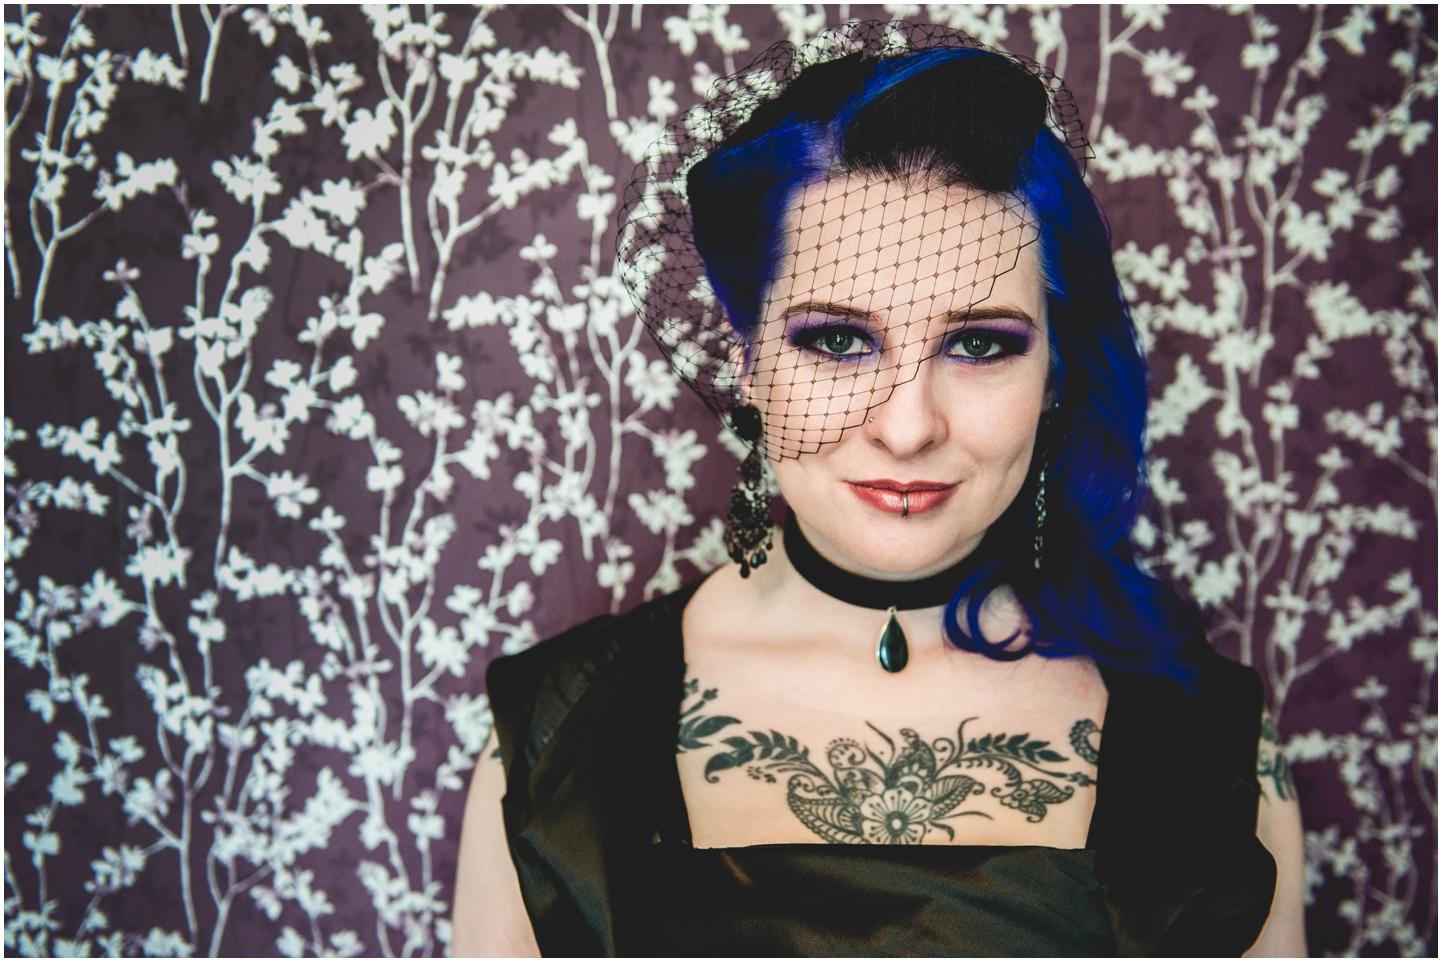 Bond Company Wedding, Digbeth, Lisa Carpenter Photography, Birmingham, goth wedding, alternative wedding, photos